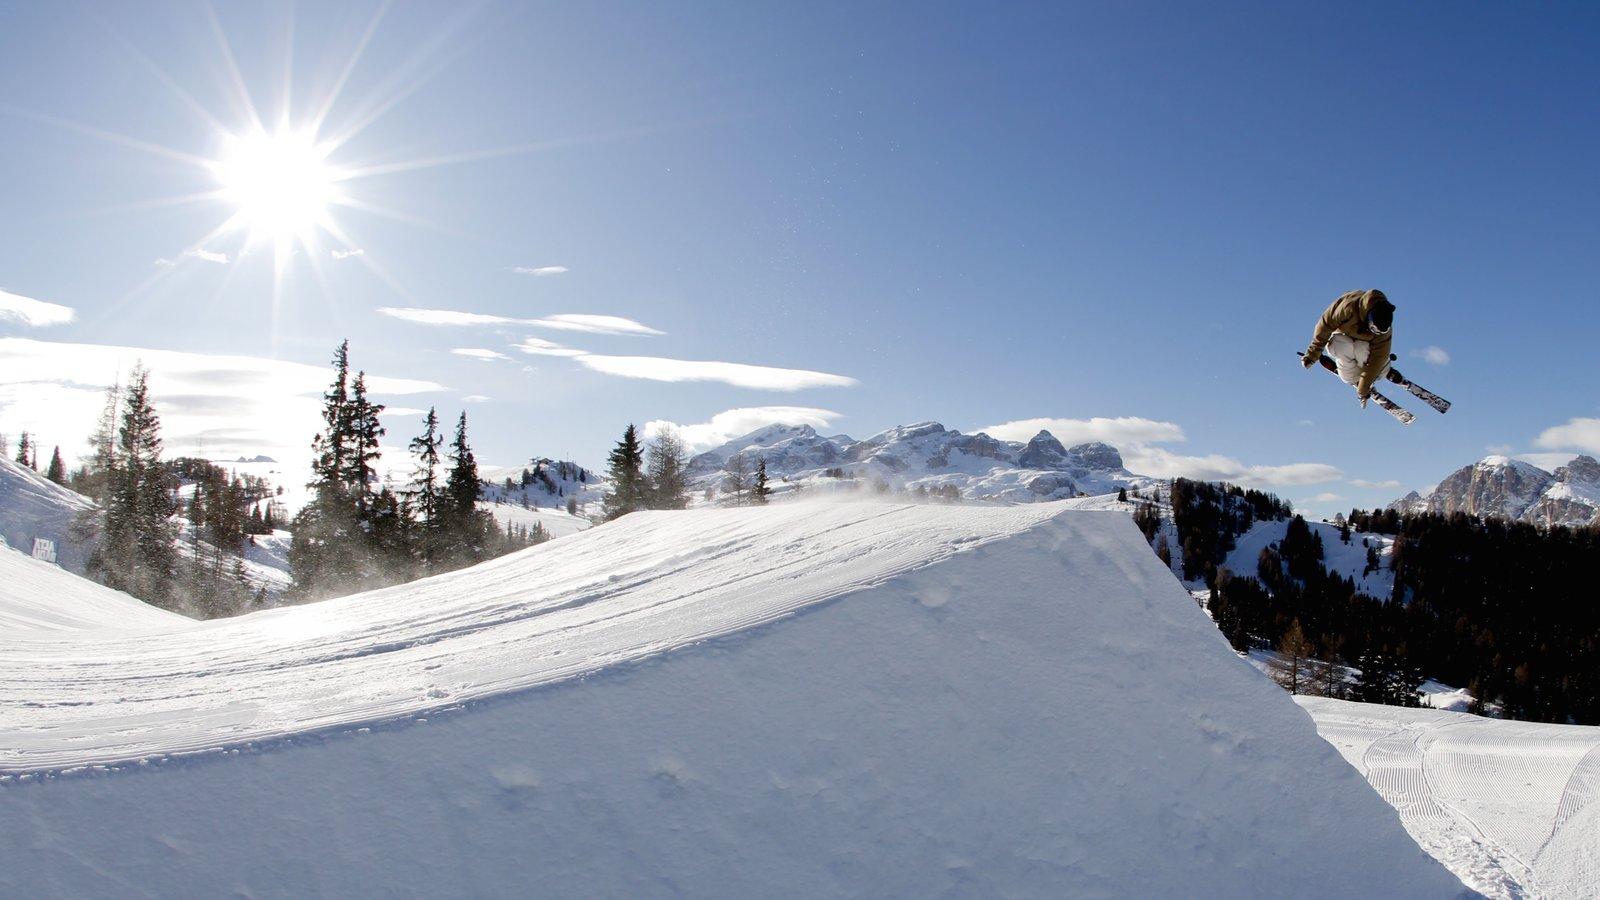 Alta Badia mostrando neve e esqui na neve